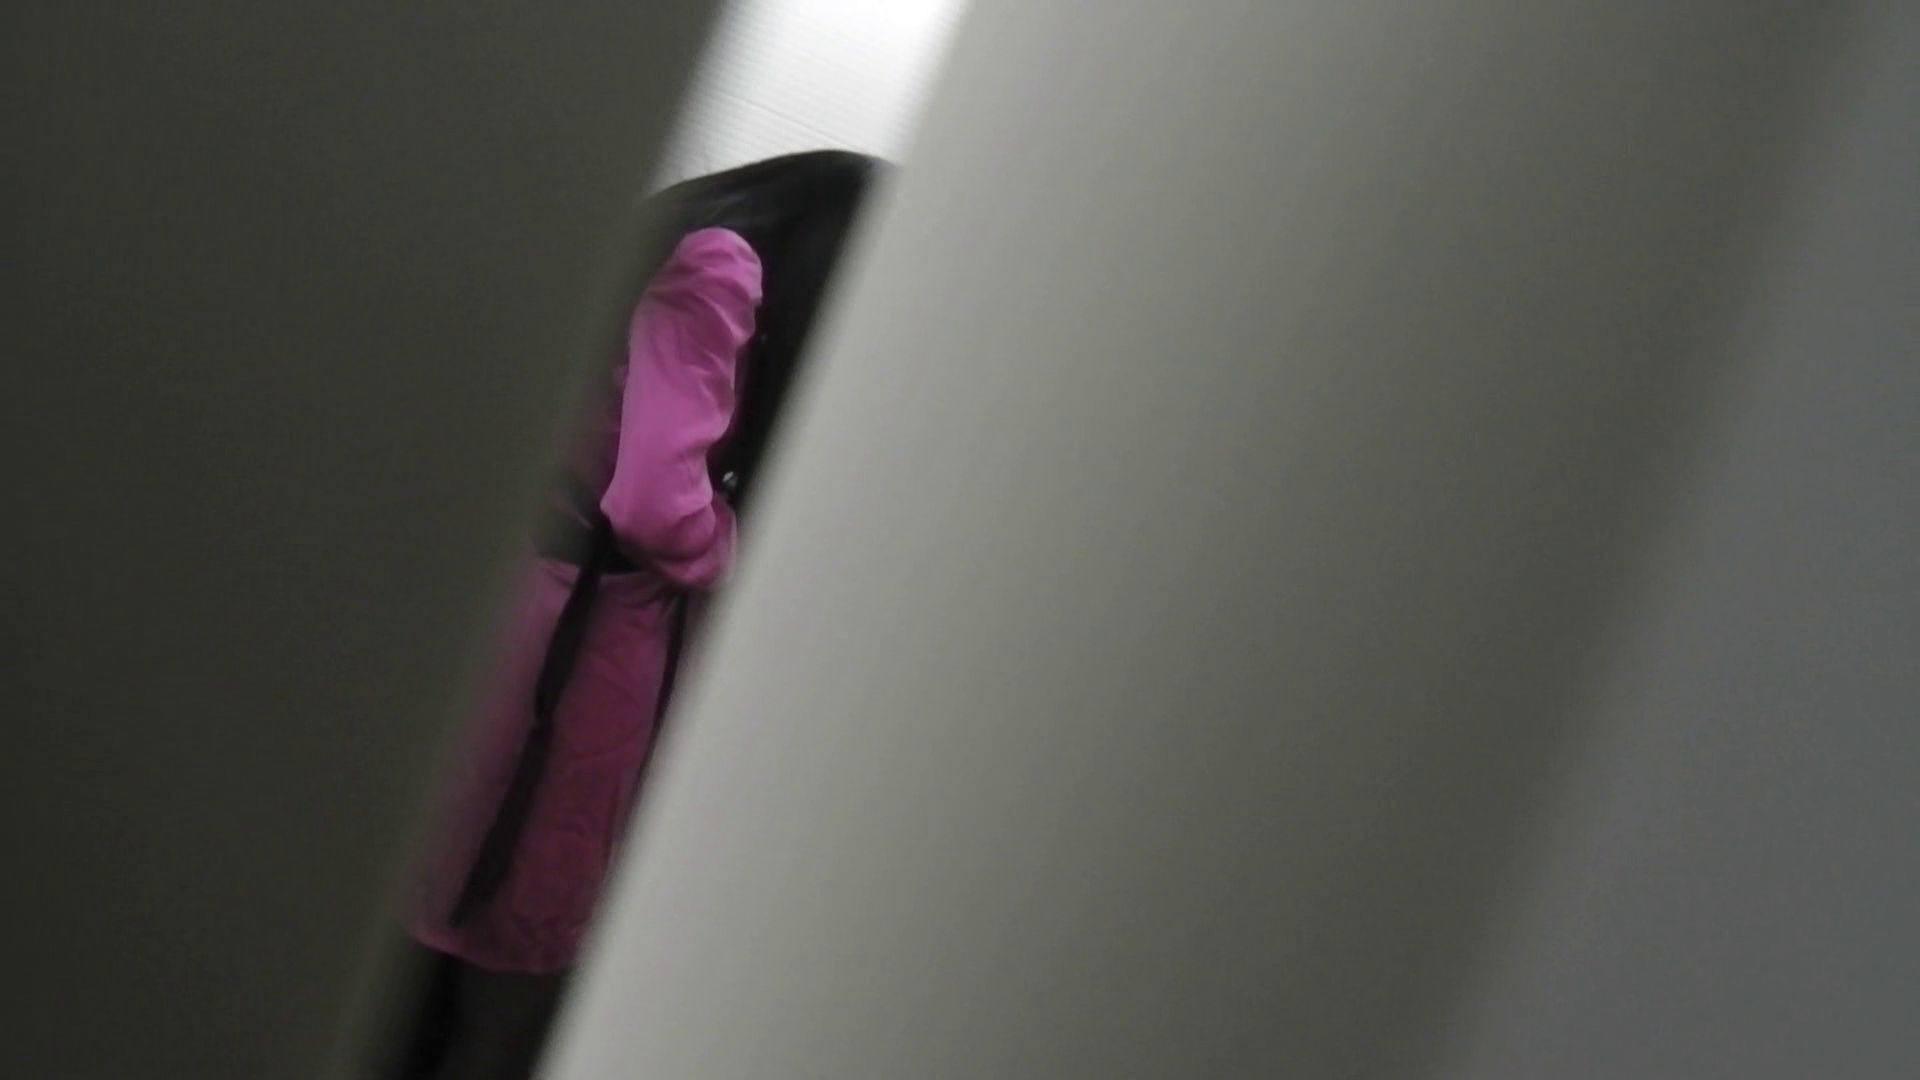 【日本成人用品展览会。超模如云】vol.01 着替|空爆 美しいOLの裸体 オメコ動画キャプチャ 103pic 56